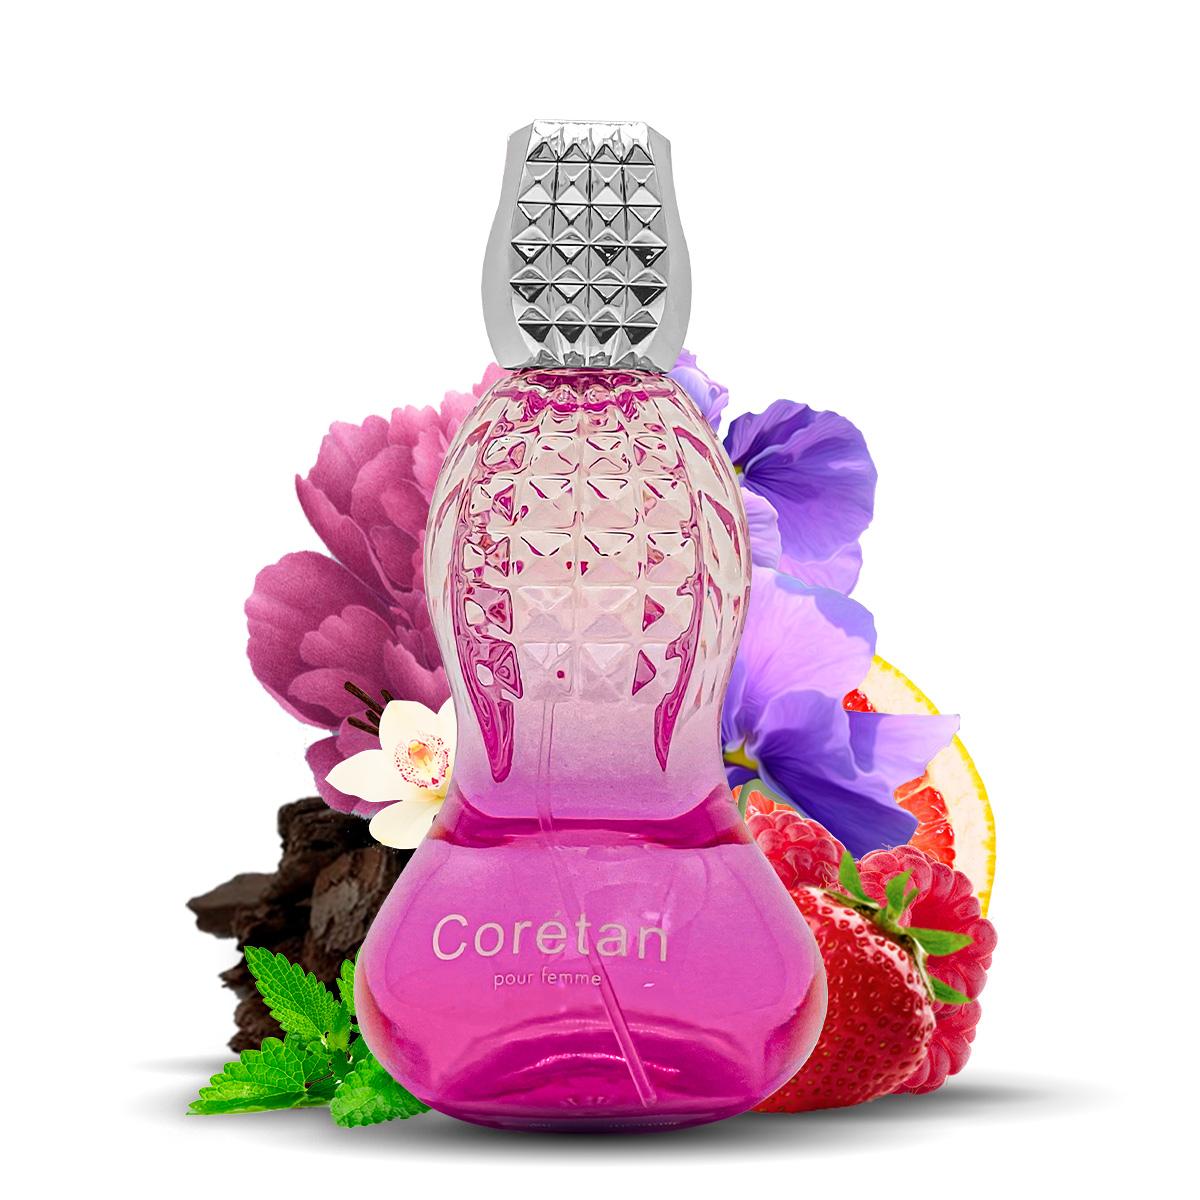 Kit 2 Perfumes Importados Coretan e Conquer I Scents